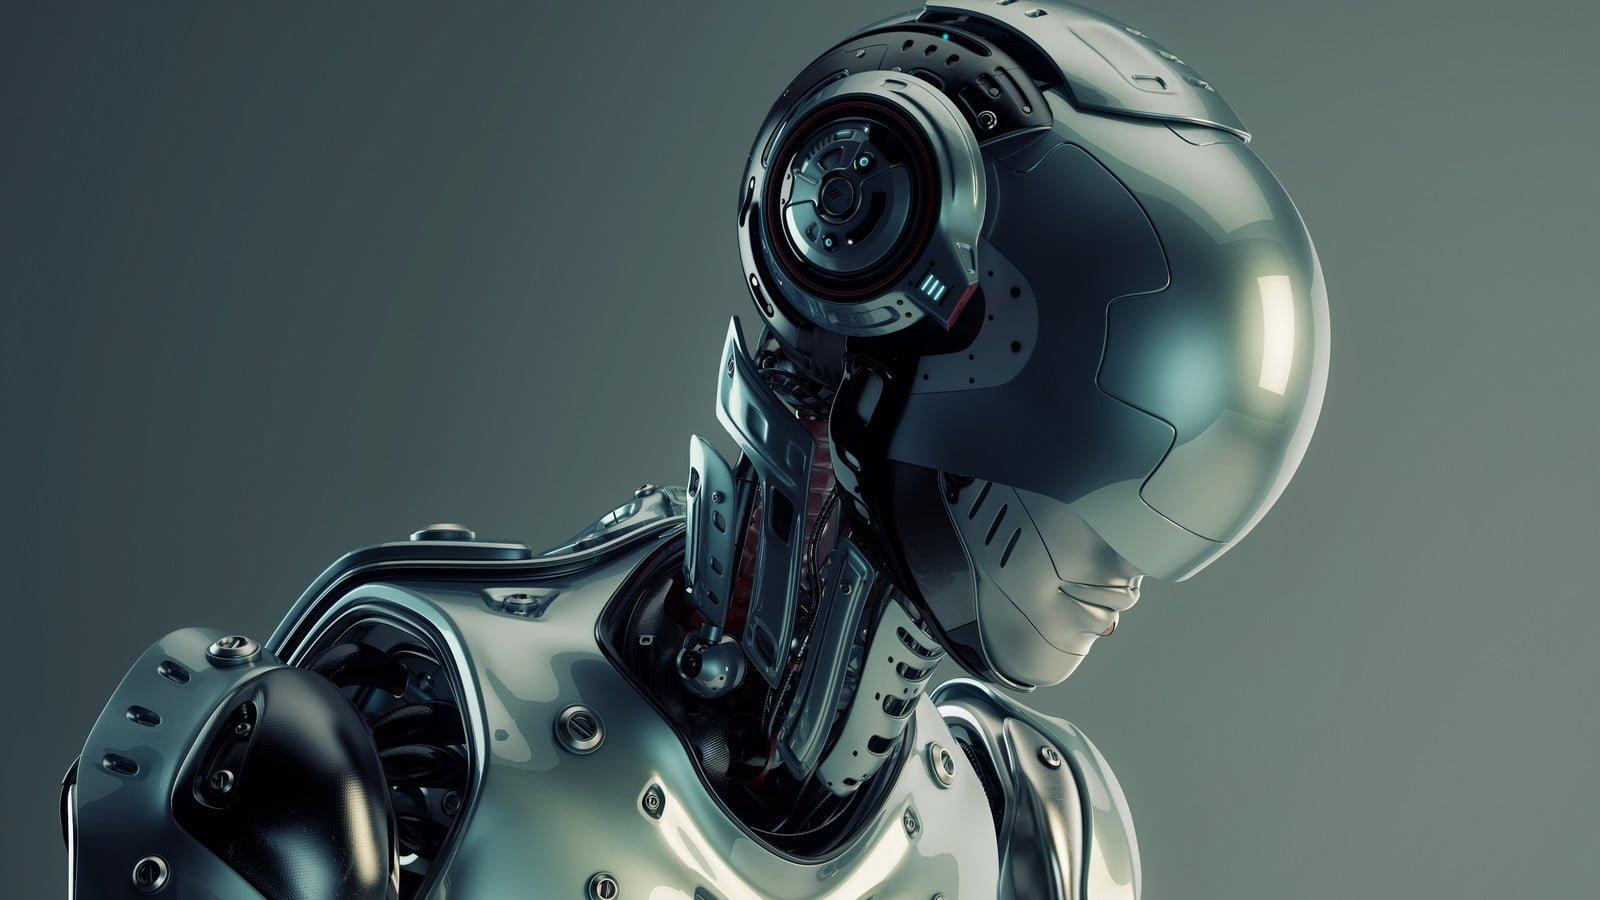 migliori robot forex gratuiti 2021 leggi sullinvestimento in criptovaluta